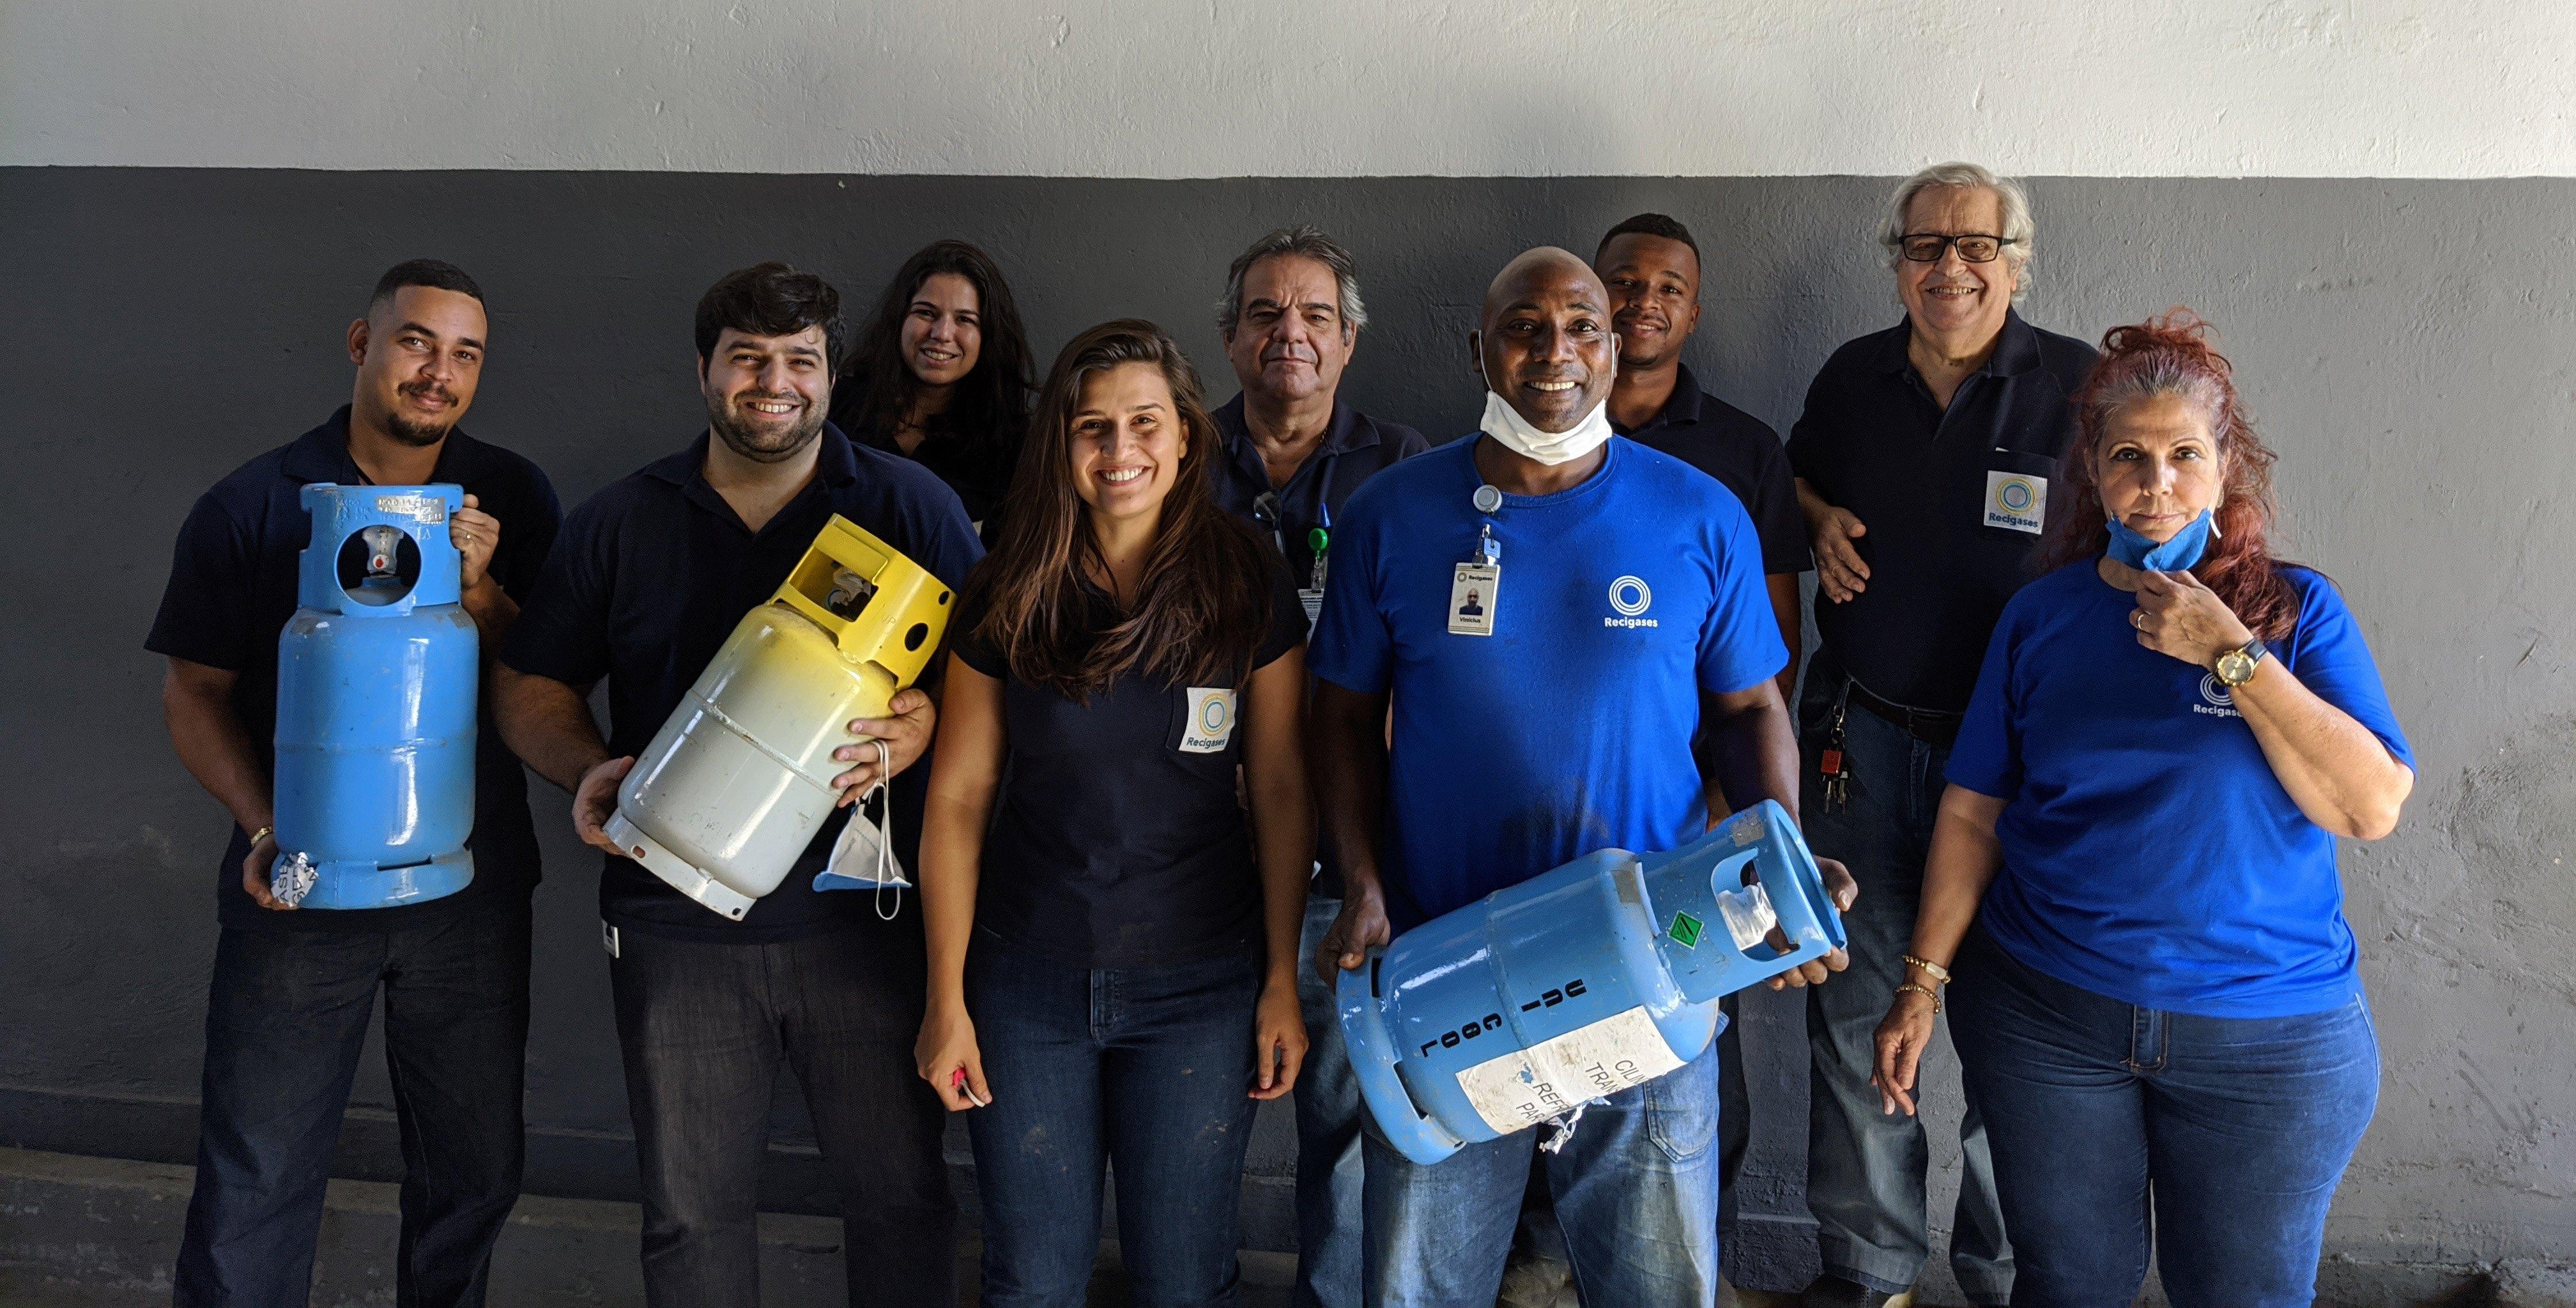 A foto está composta por 09 colaboradores olhando para a câmera e sorrindo. Dentre esses, três colaboradores estão segurando cilindros de gás refrigerantes.